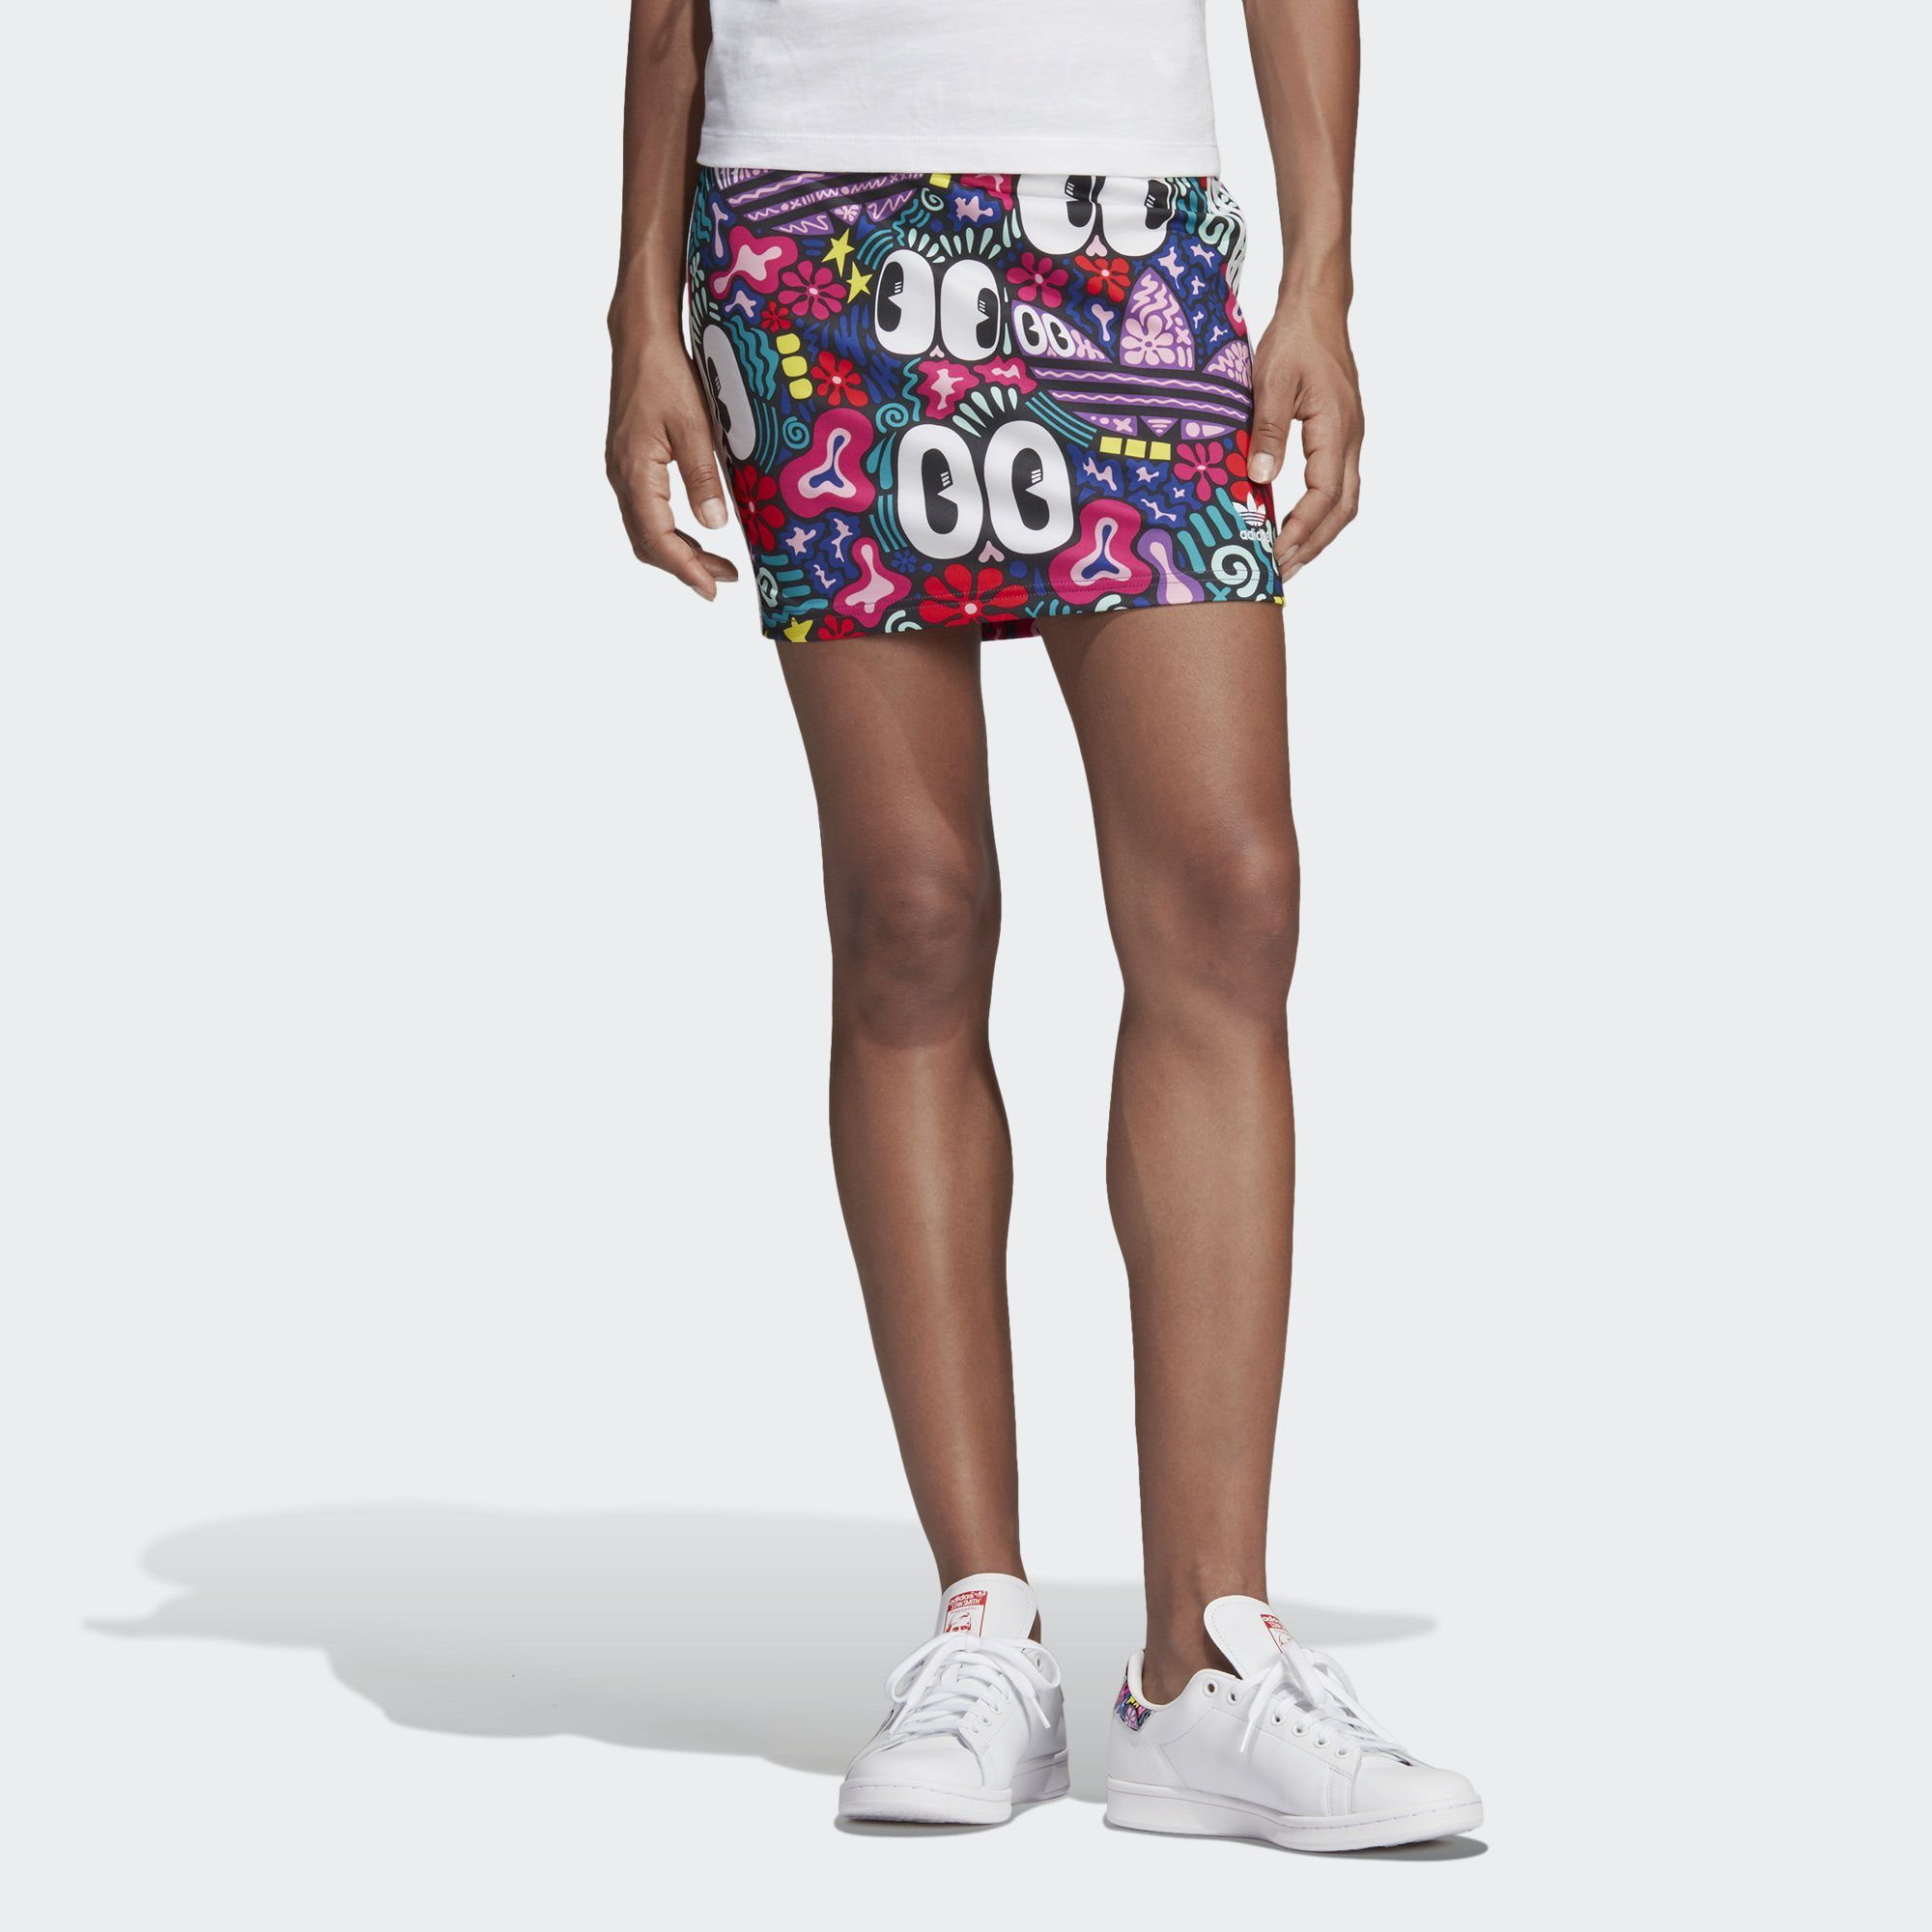 adidas Originals Minirock »3 Streifen Rock« adicolor;Trefoil online kaufen | OTTO